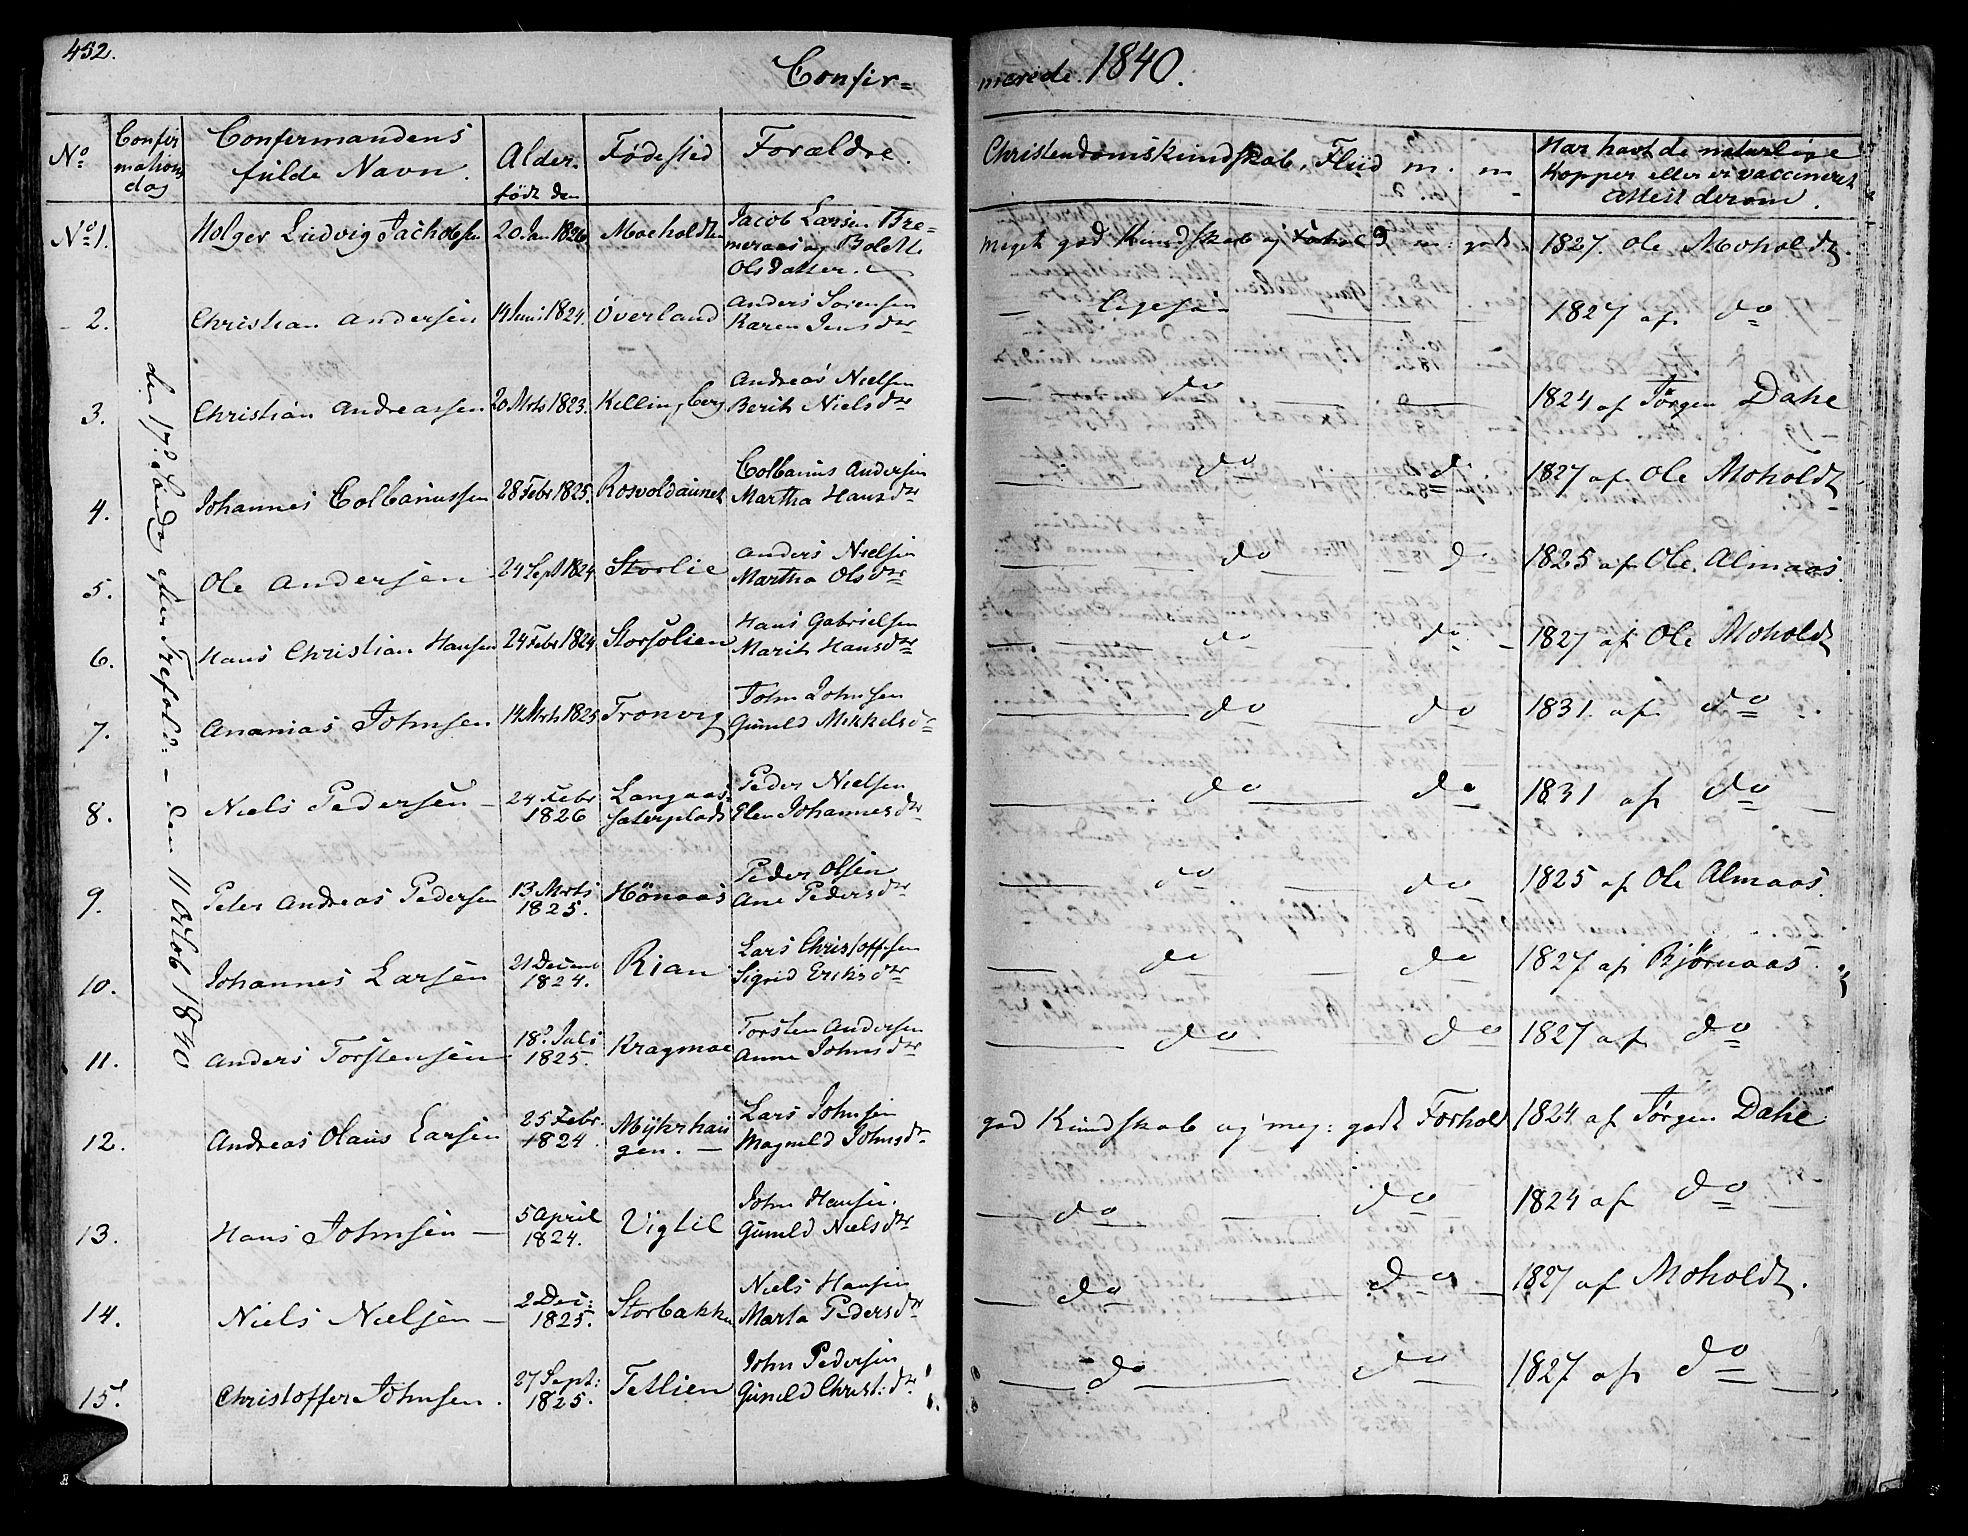 SAT, Ministerialprotokoller, klokkerbøker og fødselsregistre - Nord-Trøndelag, 701/L0006: Ministerialbok nr. 701A06, 1825-1841, s. 452